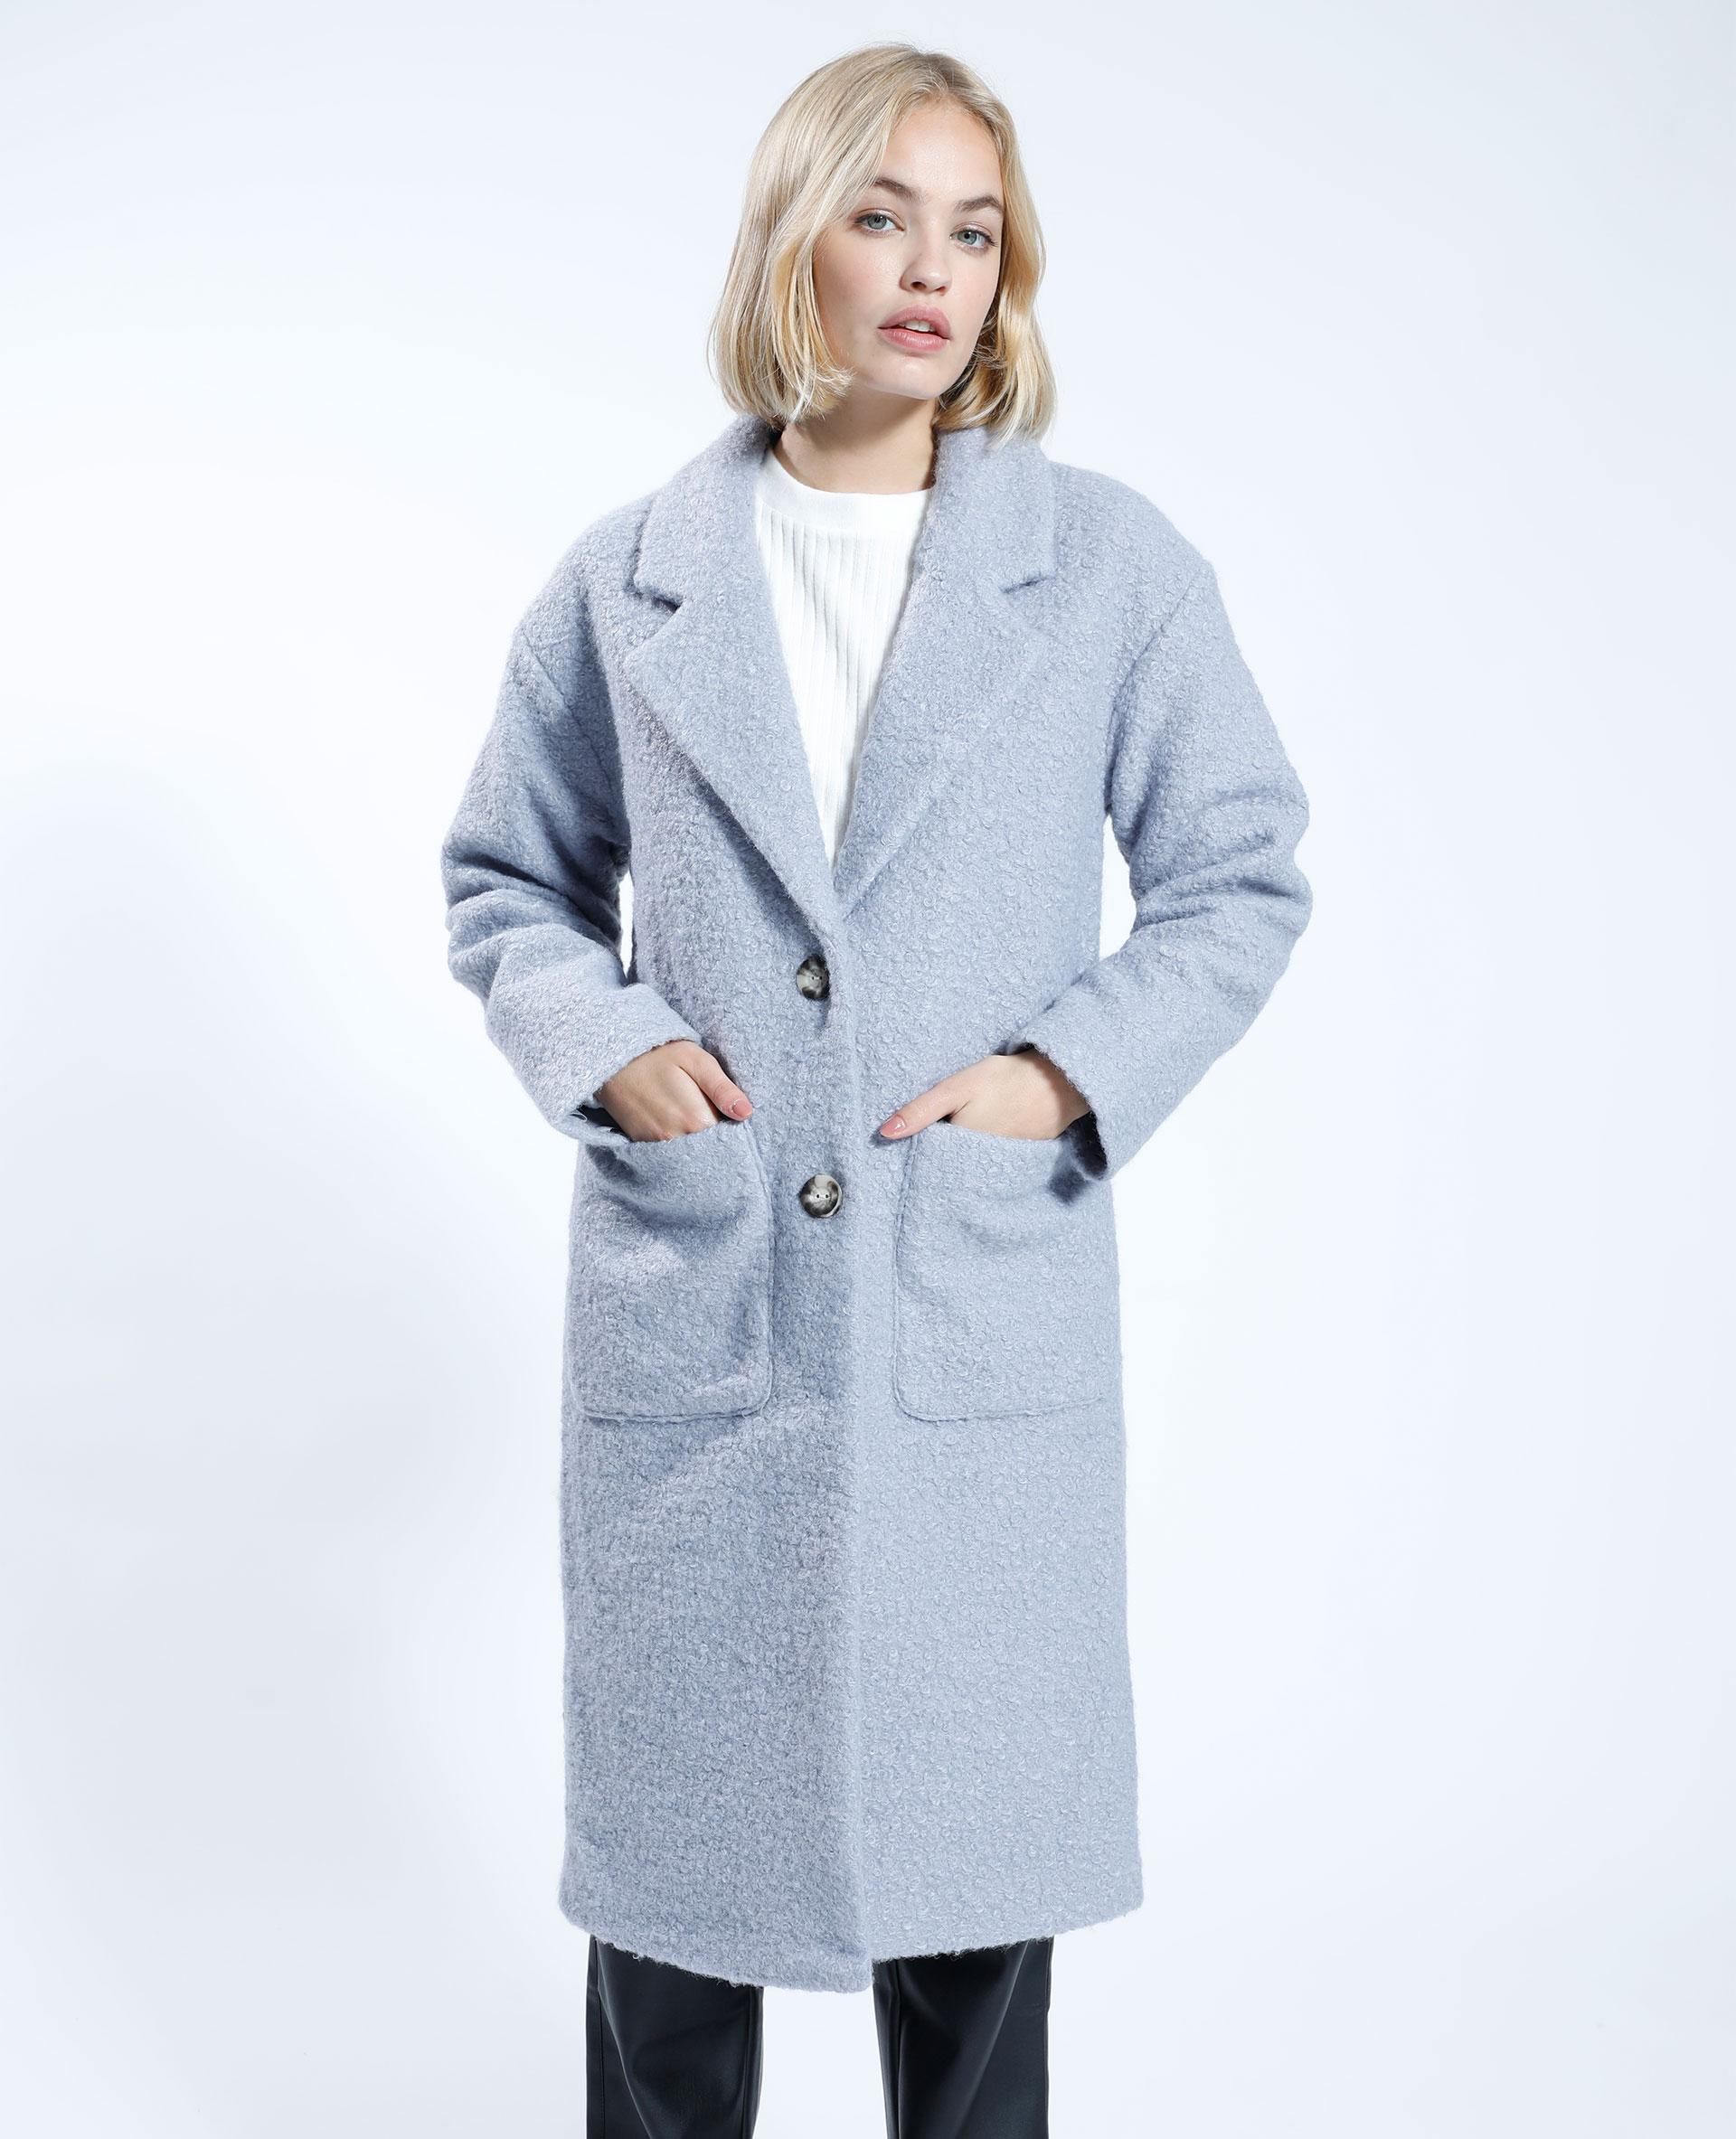 Manteau pardessus effet bouclette gris - Pimkie